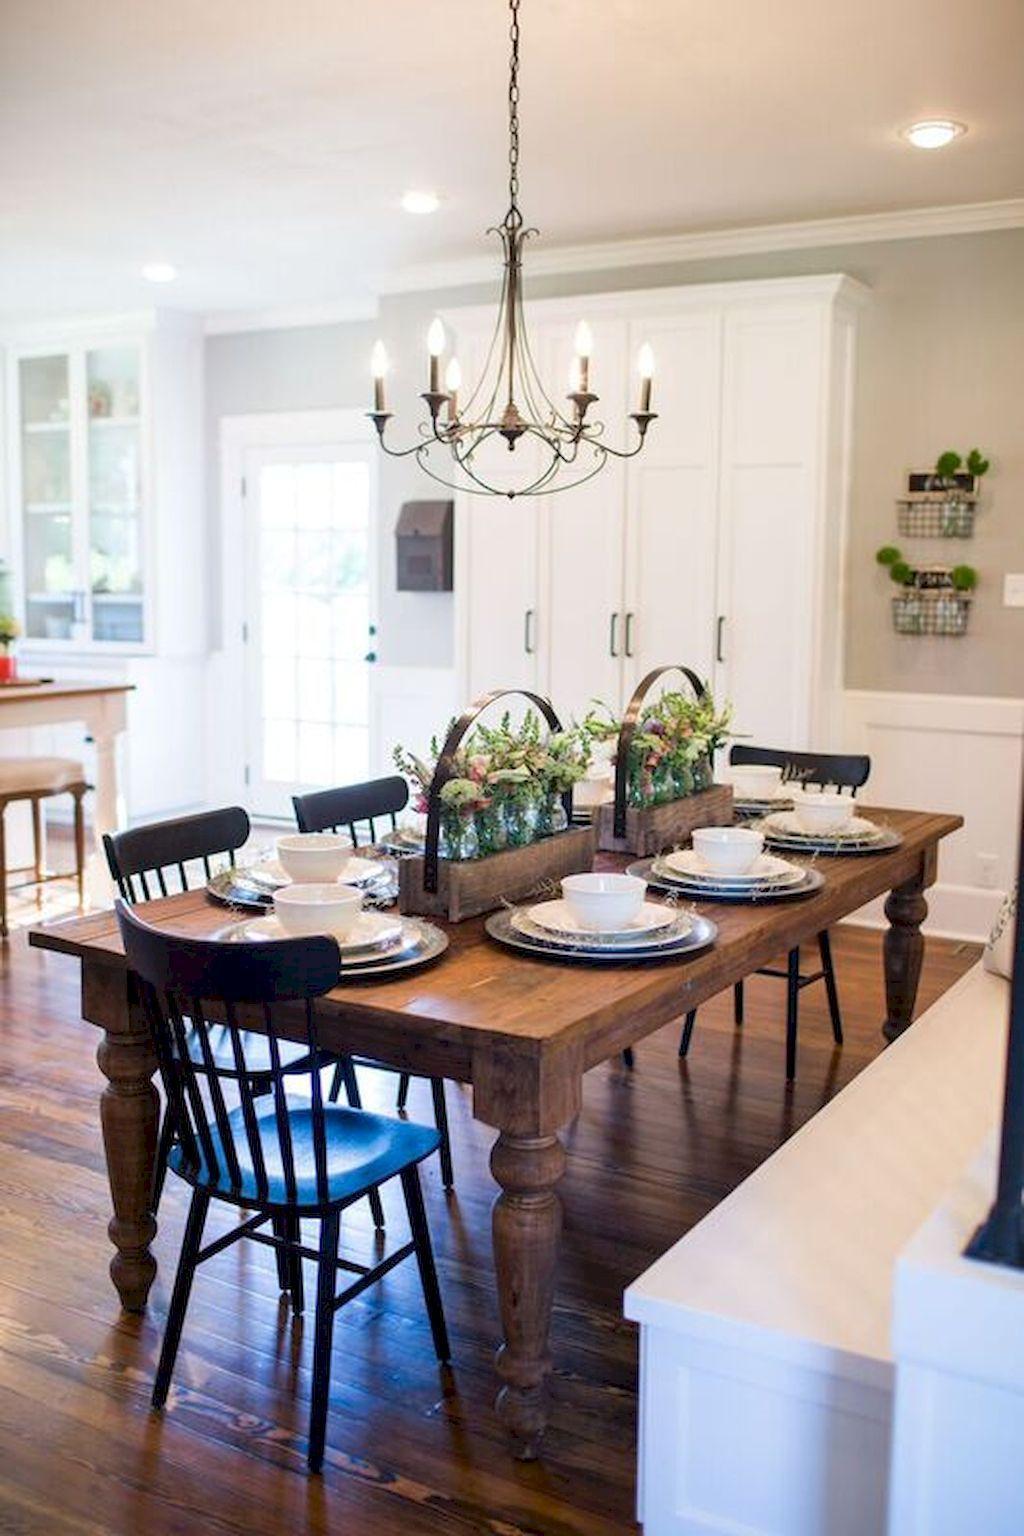 Vintage Farmhouse Dinningroom Table Ideas 16 Homedecoraccessories Farmhouse Dining Room Table Dining Room Design Home Kitchens